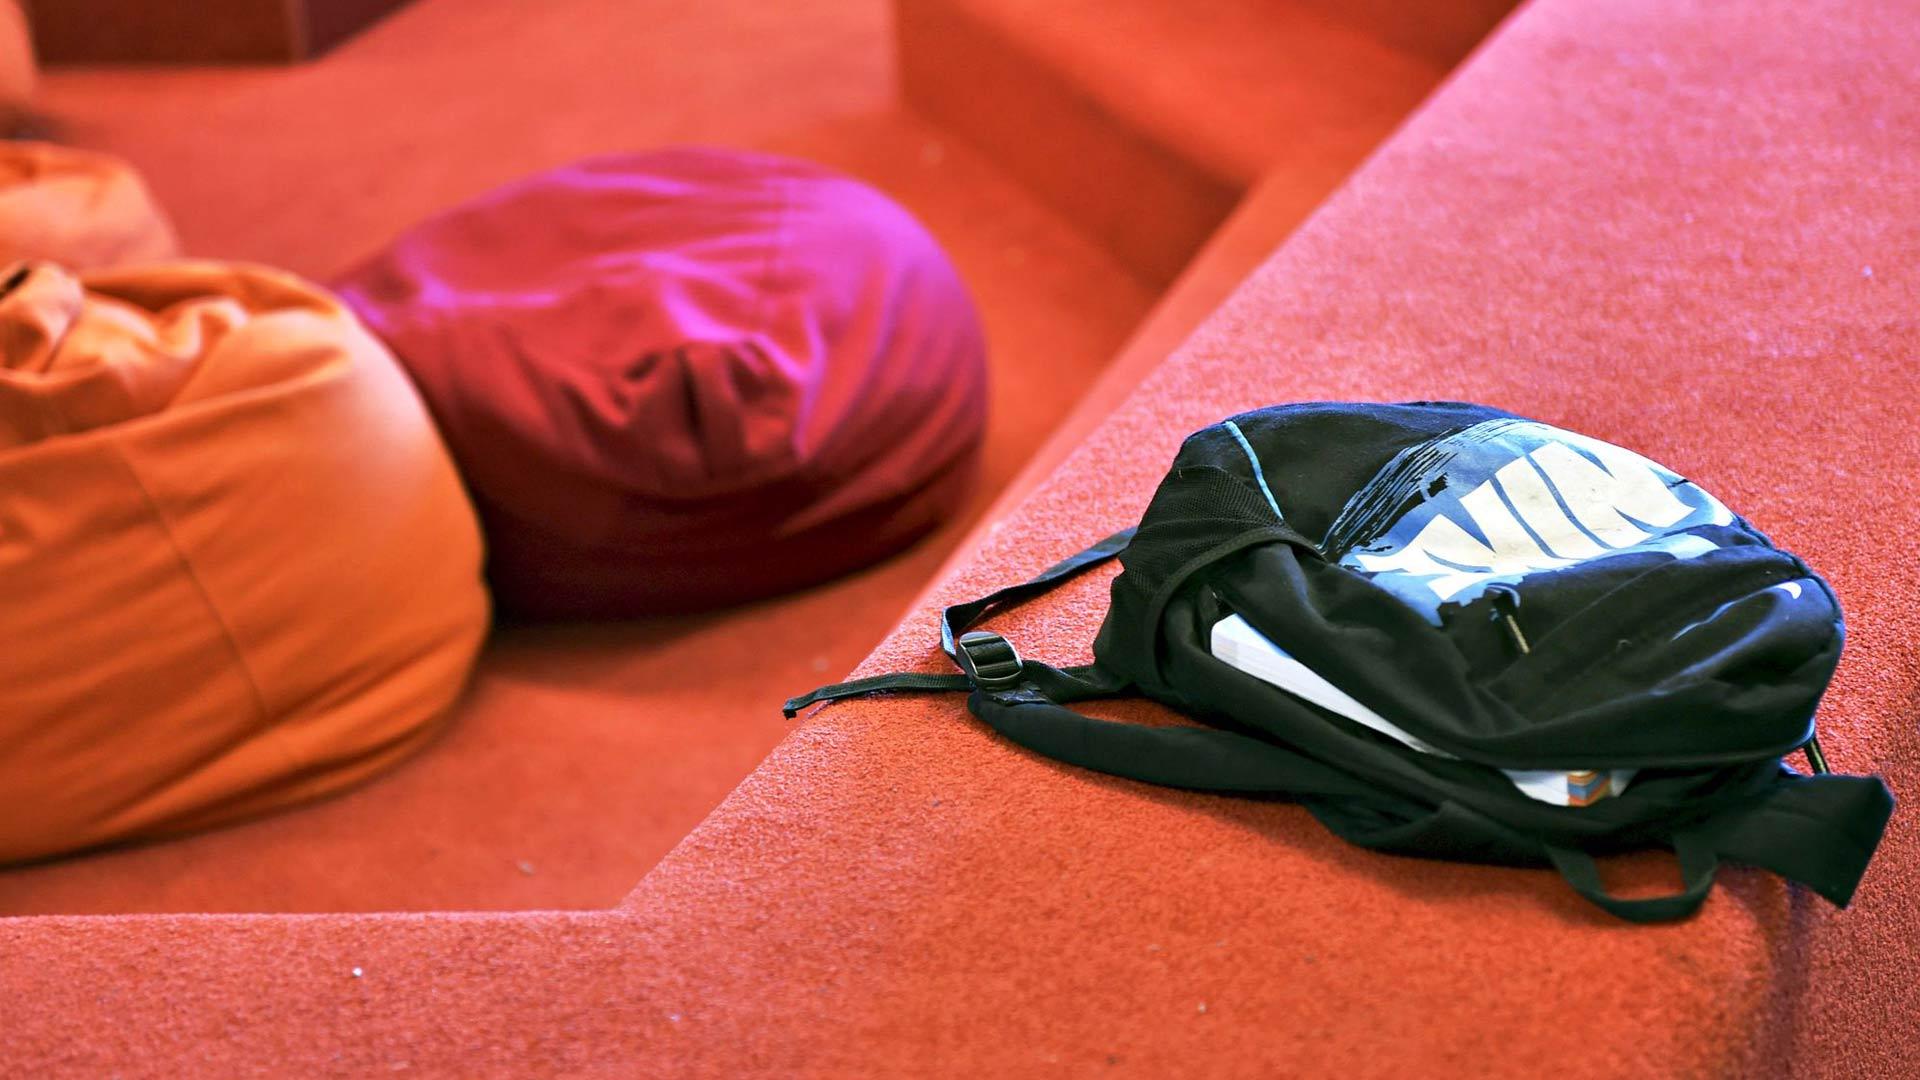 Koulutarvikkeet on kätevintä pitää mukanaan. Luokkahuoneettomissa kouluissa on säilytyslokeroita, mutta sieltä alituinen lisätavaroiden hakeminen on työlästä. Kuva on Helsingistä Kalasataman alakoulusta.